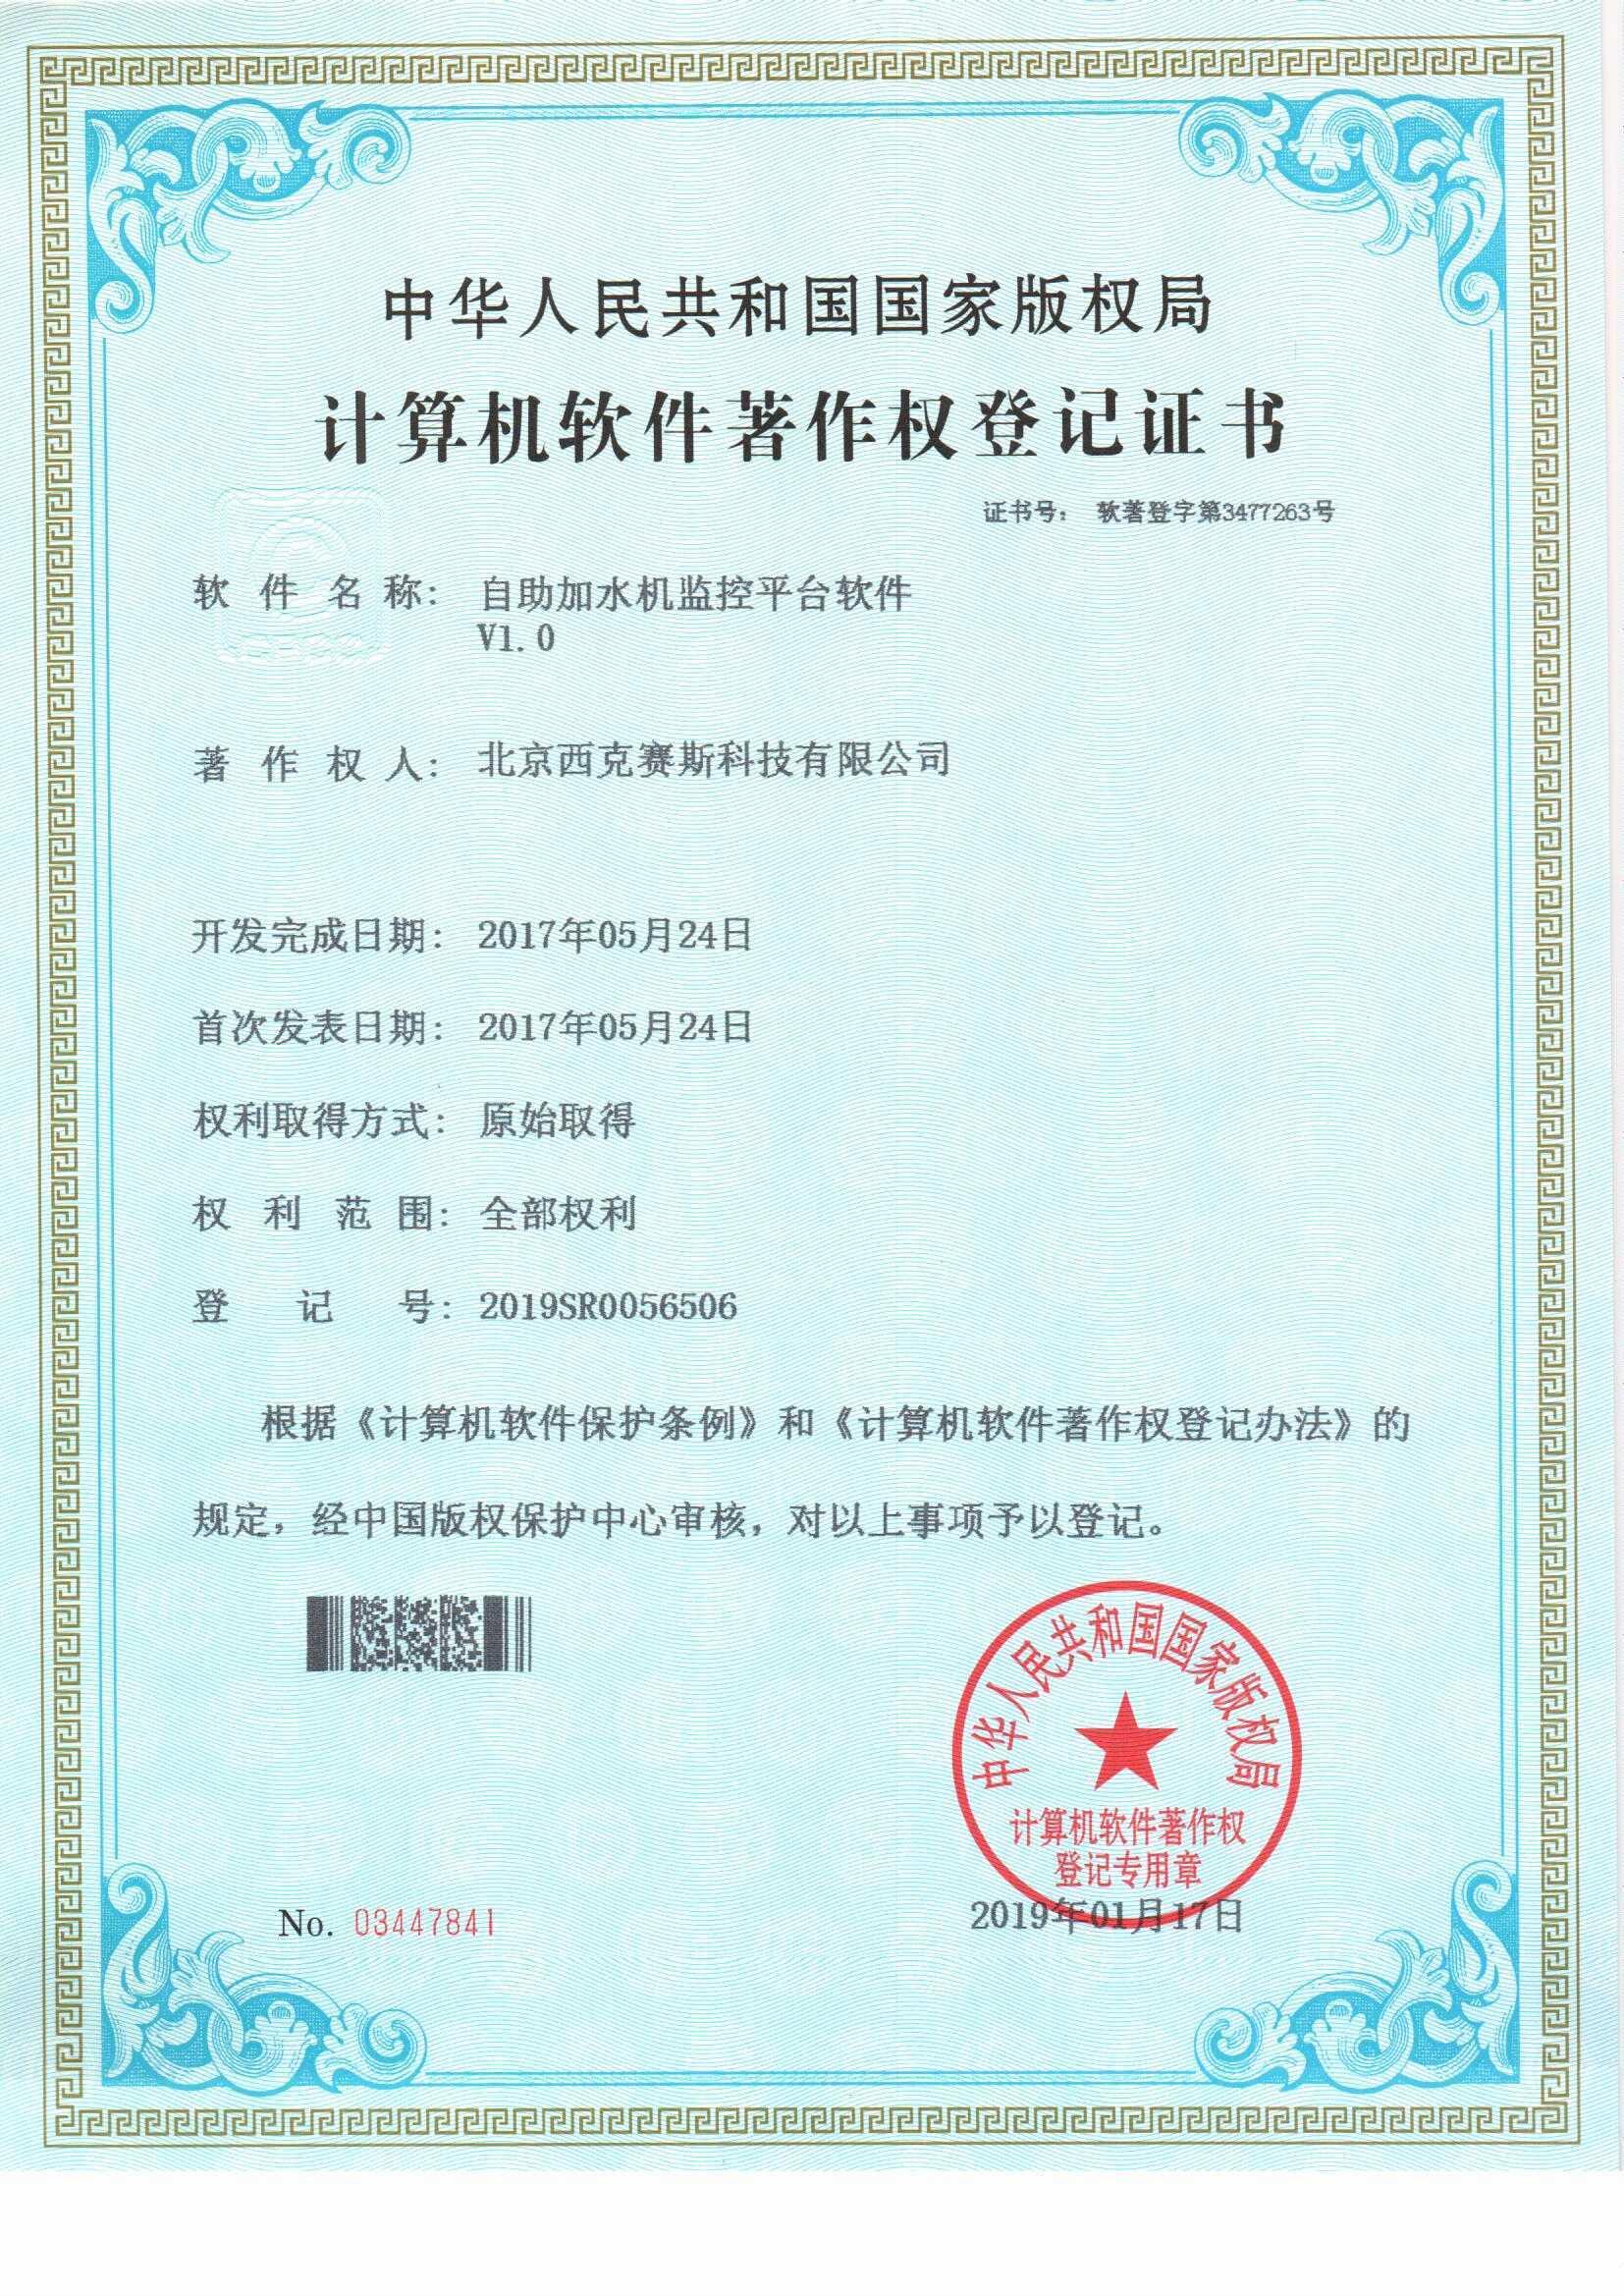 計算機軟件著作權登記證書-自助加水機監控平臺軟件